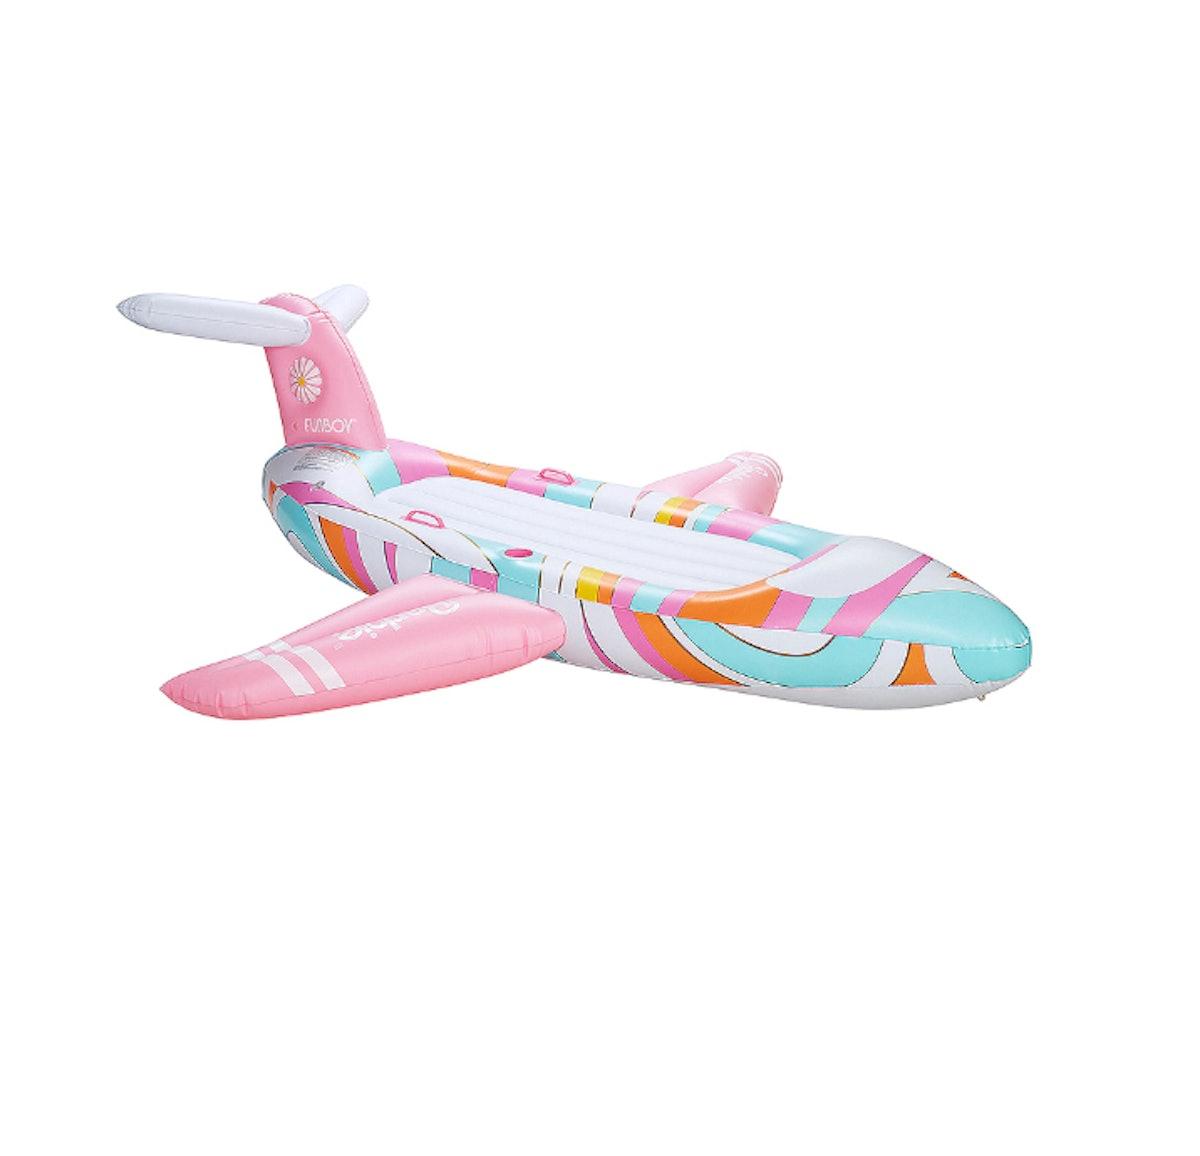 x Barbie Plane